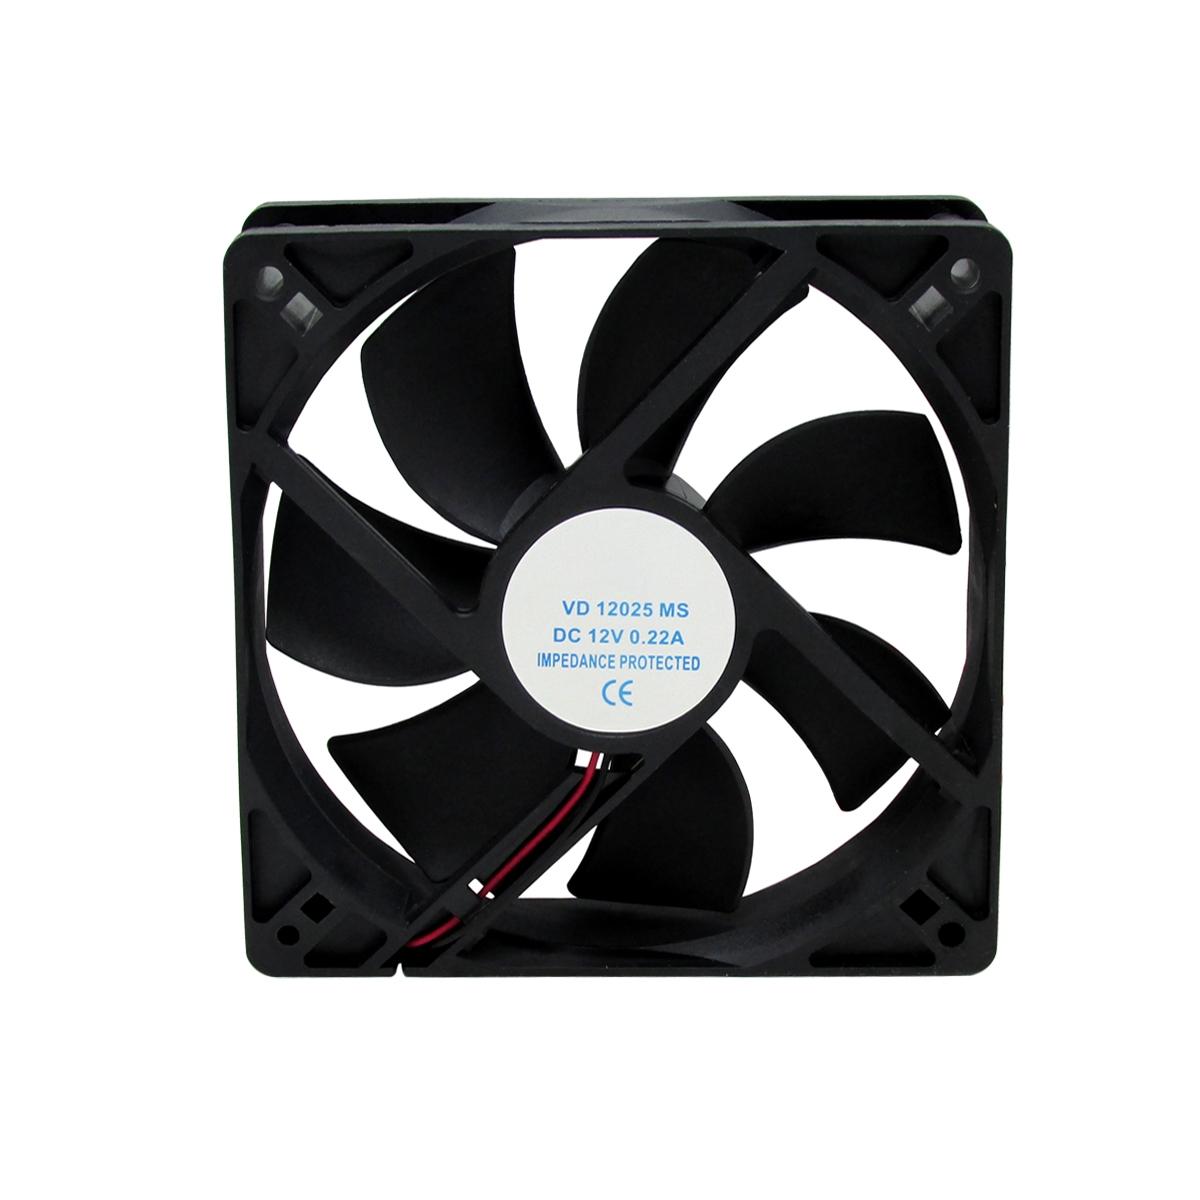 5pcs Ventilador Cooler Ventoinha Fan 120x120x25mm 12v